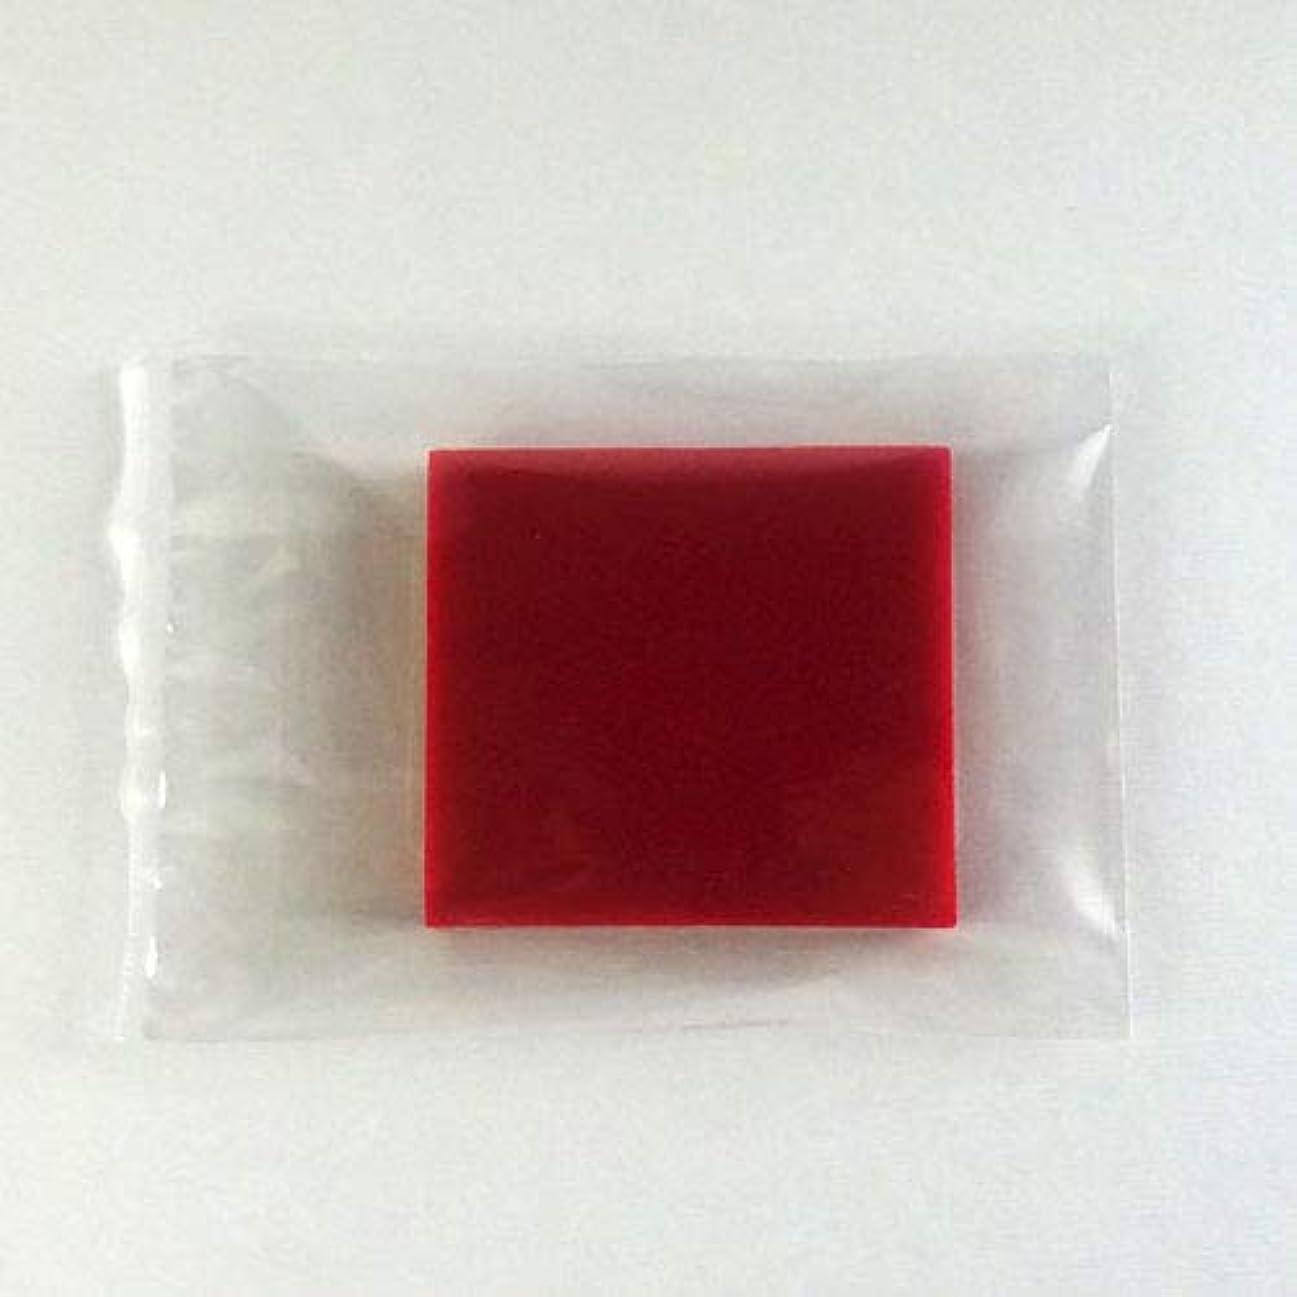 観察する恵みステージグリセリンソープ MPソープ 色チップ 赤(レッド) 60g(30g x 2pc)